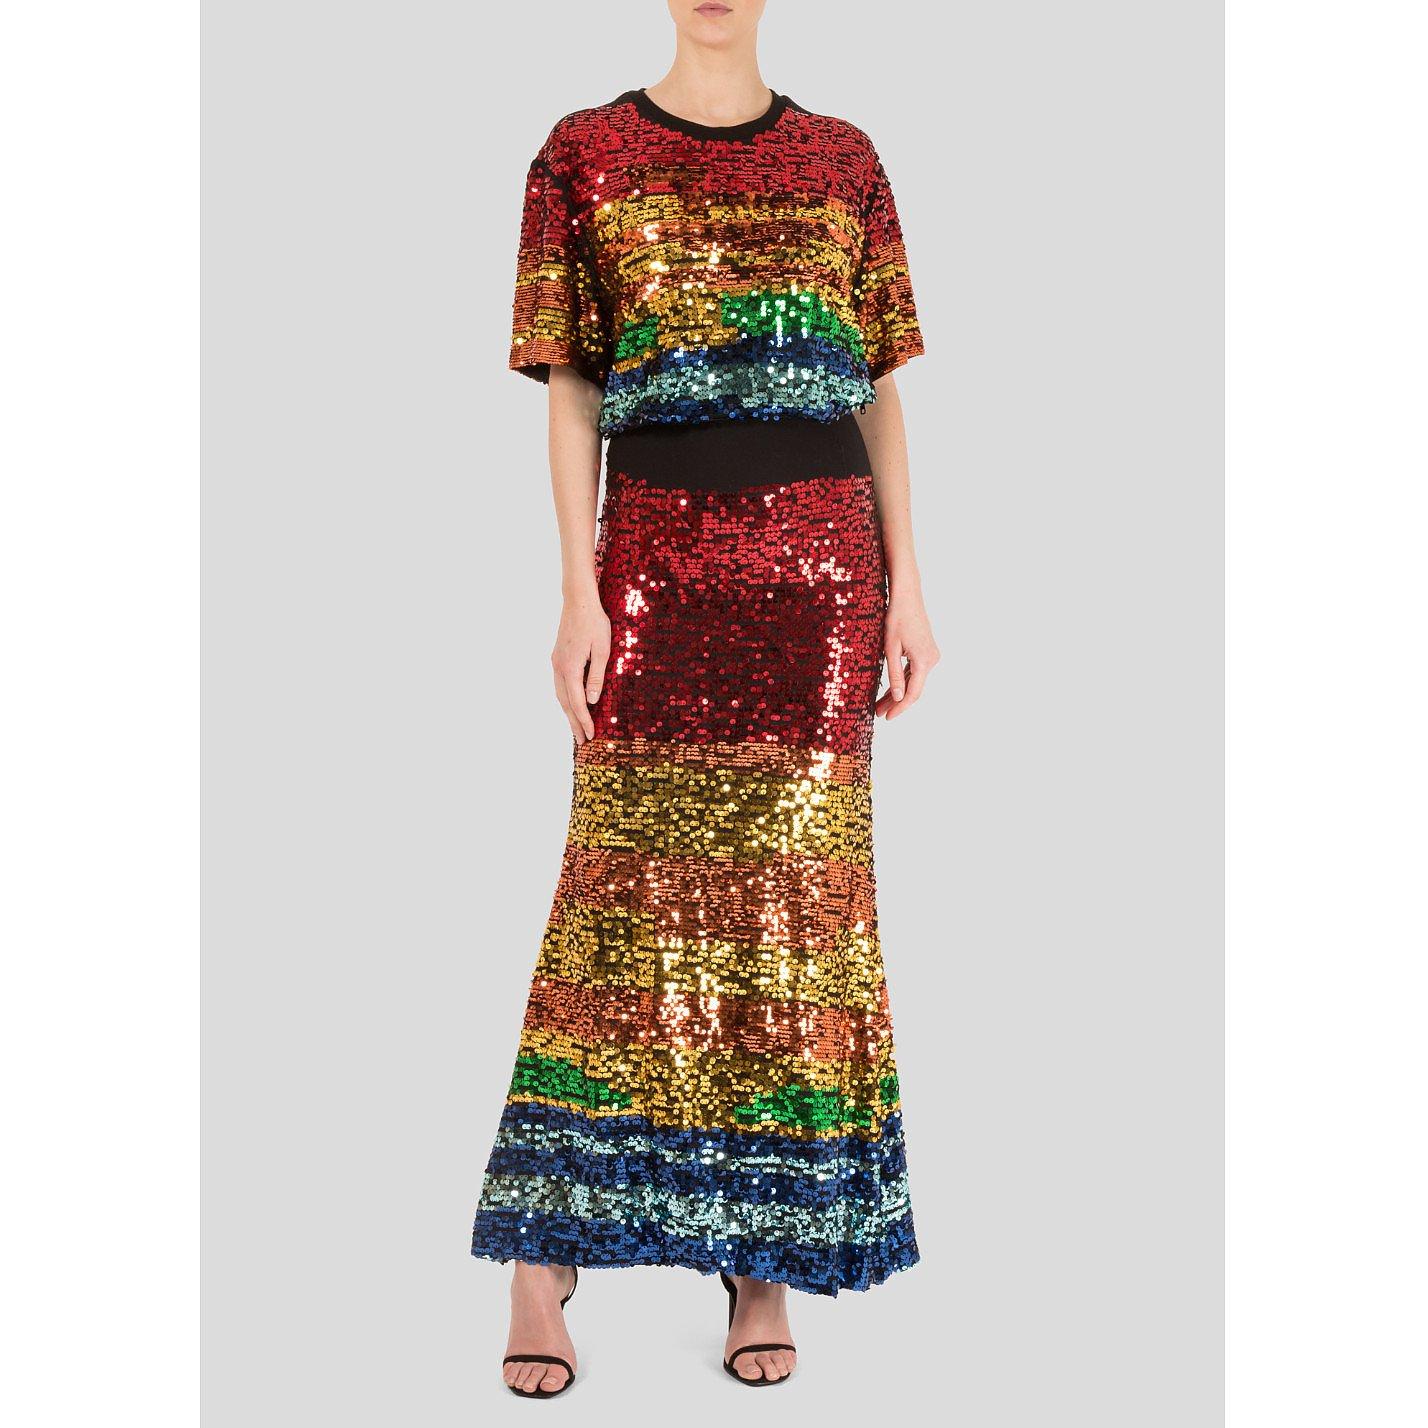 Preen Line Pheobe Multicolour Sequin Dress